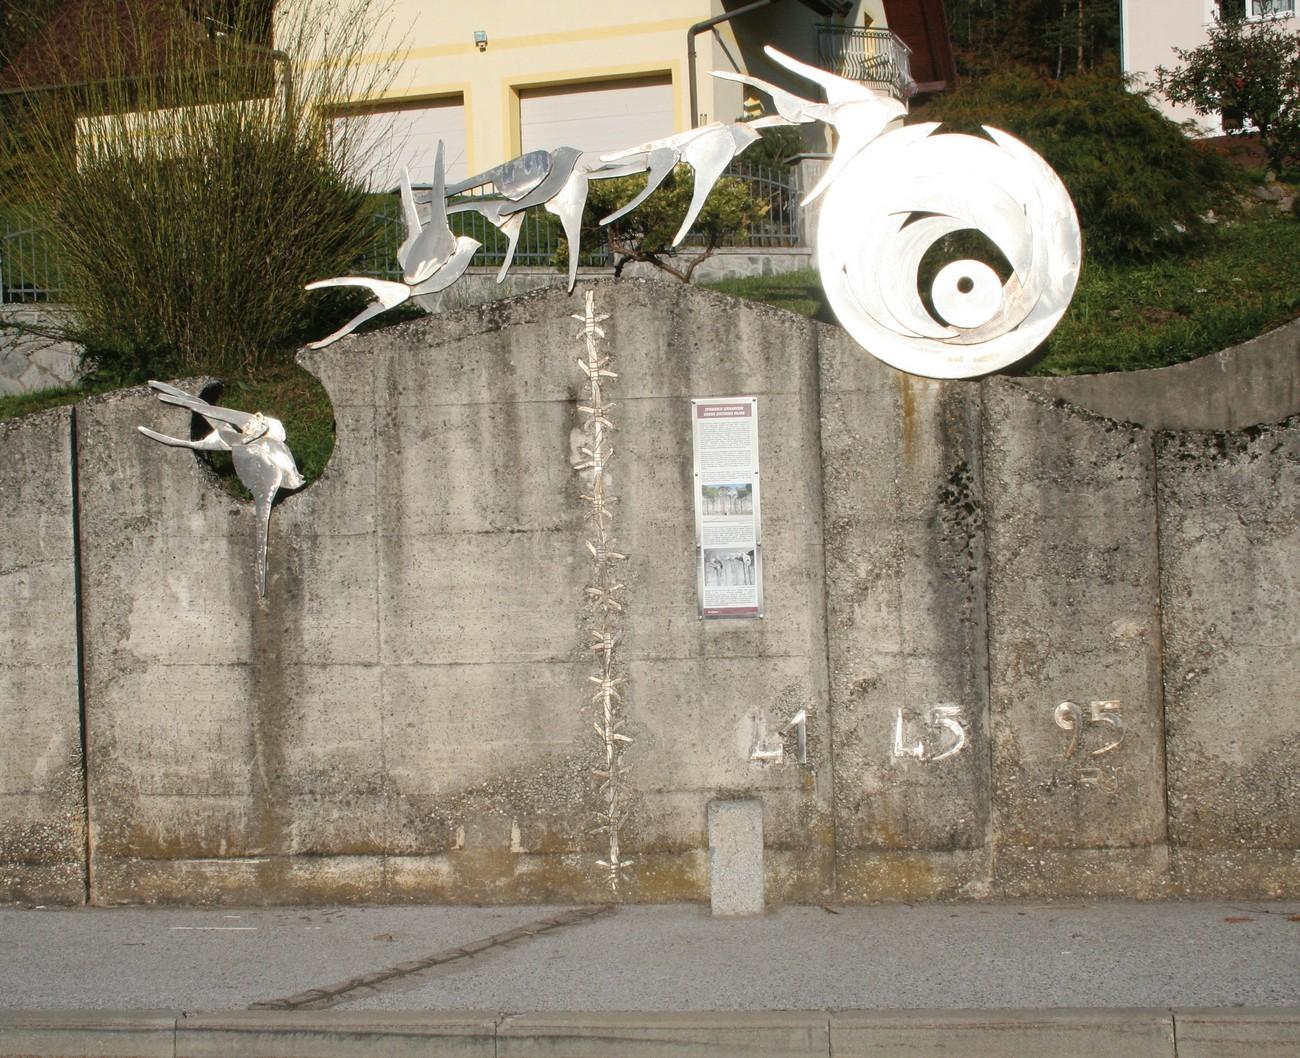 V Krmelju so nekdanjo okupacijsko mejo označili kot spomenik v spomin in opomin na zlo, ki ga je povzročila druga svetovna vojna. Avtor fotografije: Božidar Flajšman.